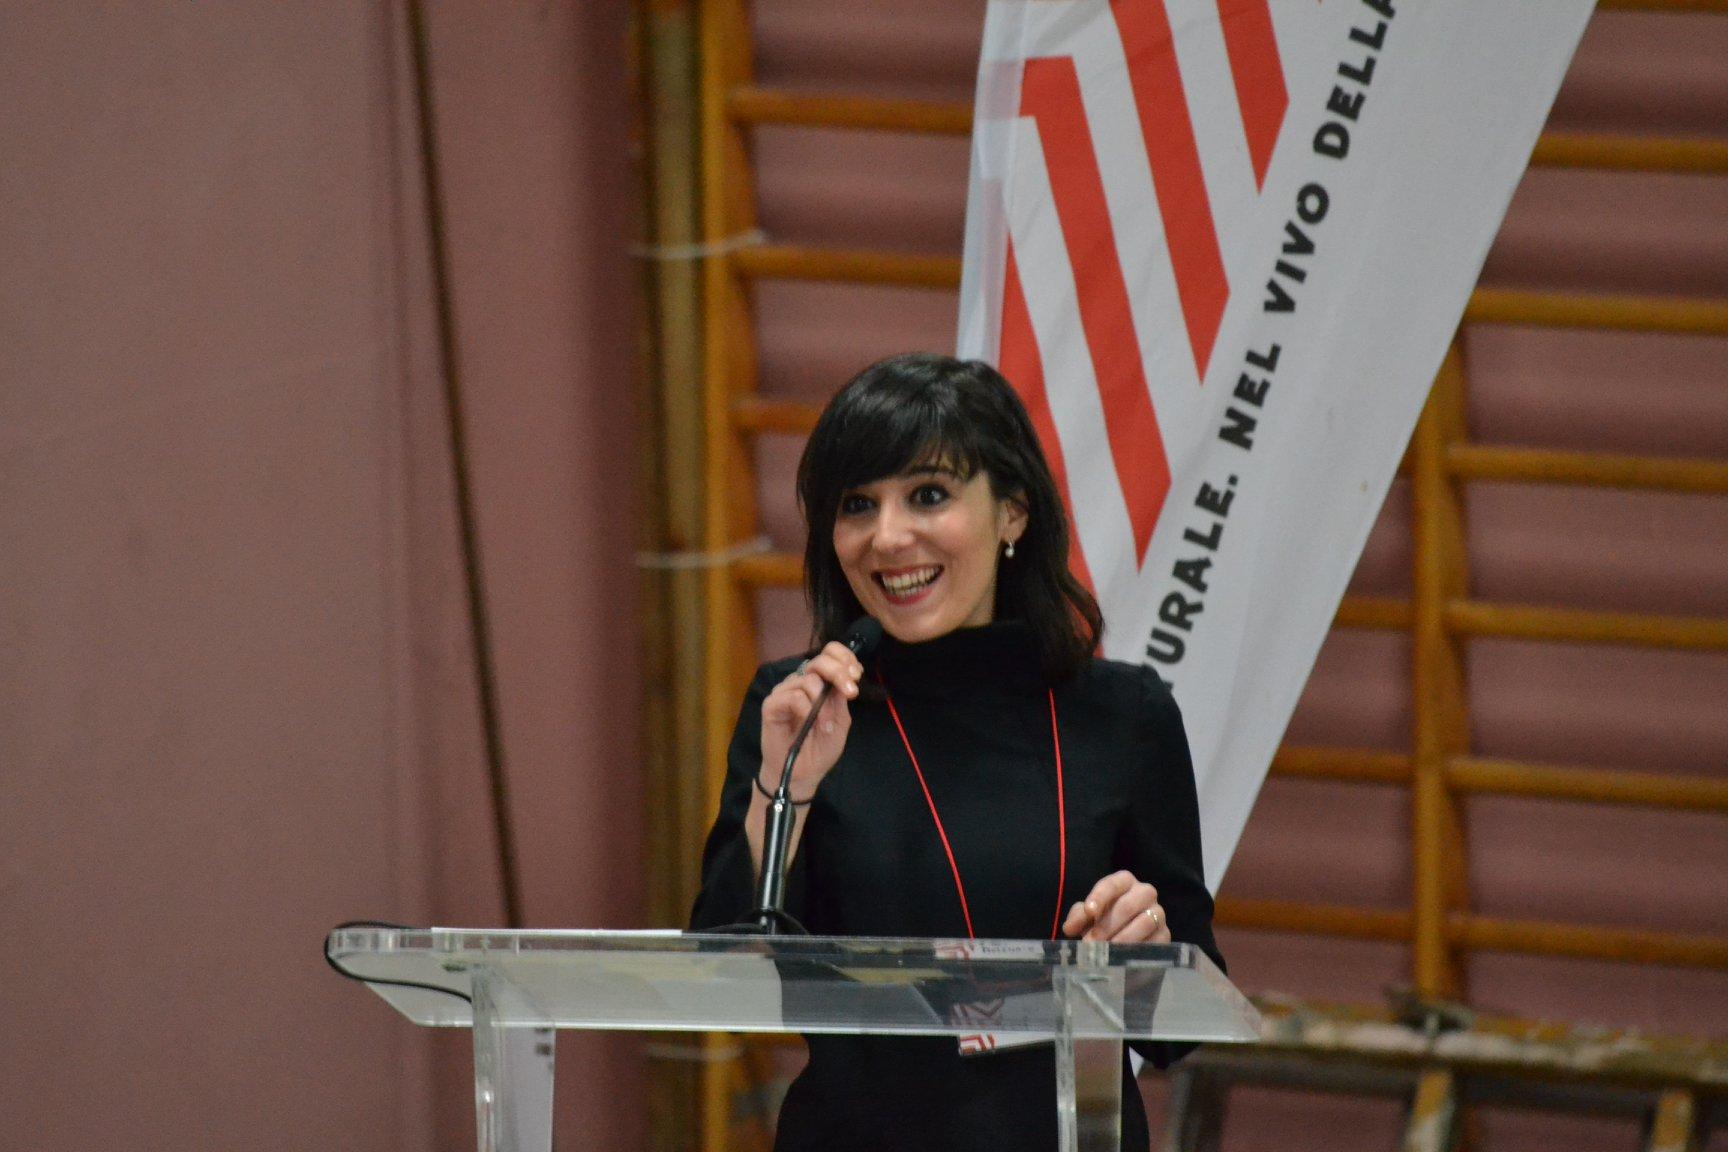 Rossella Vigneri